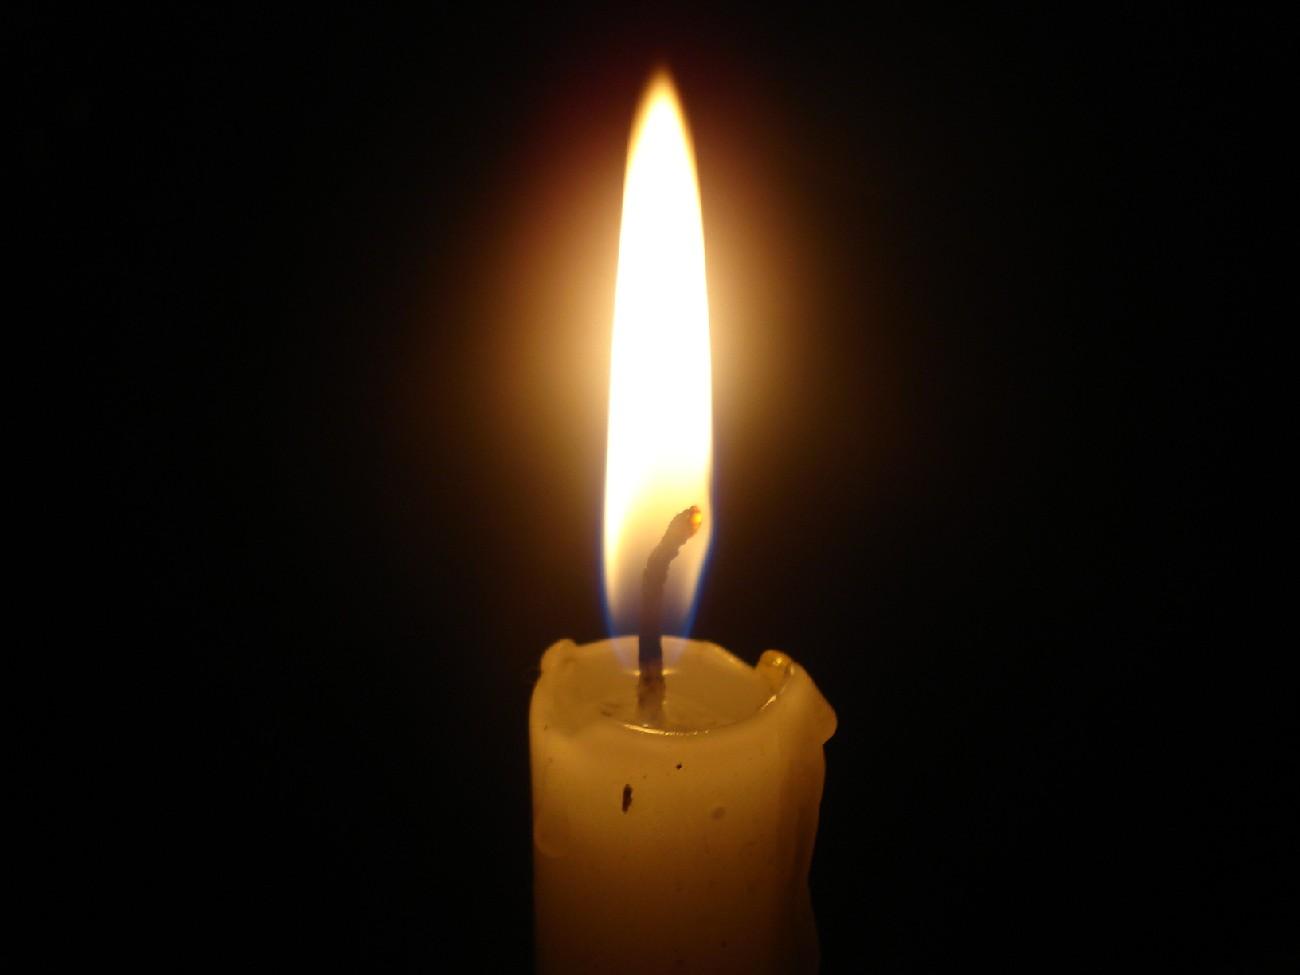 Гори гори моя свеча 1300 x 975